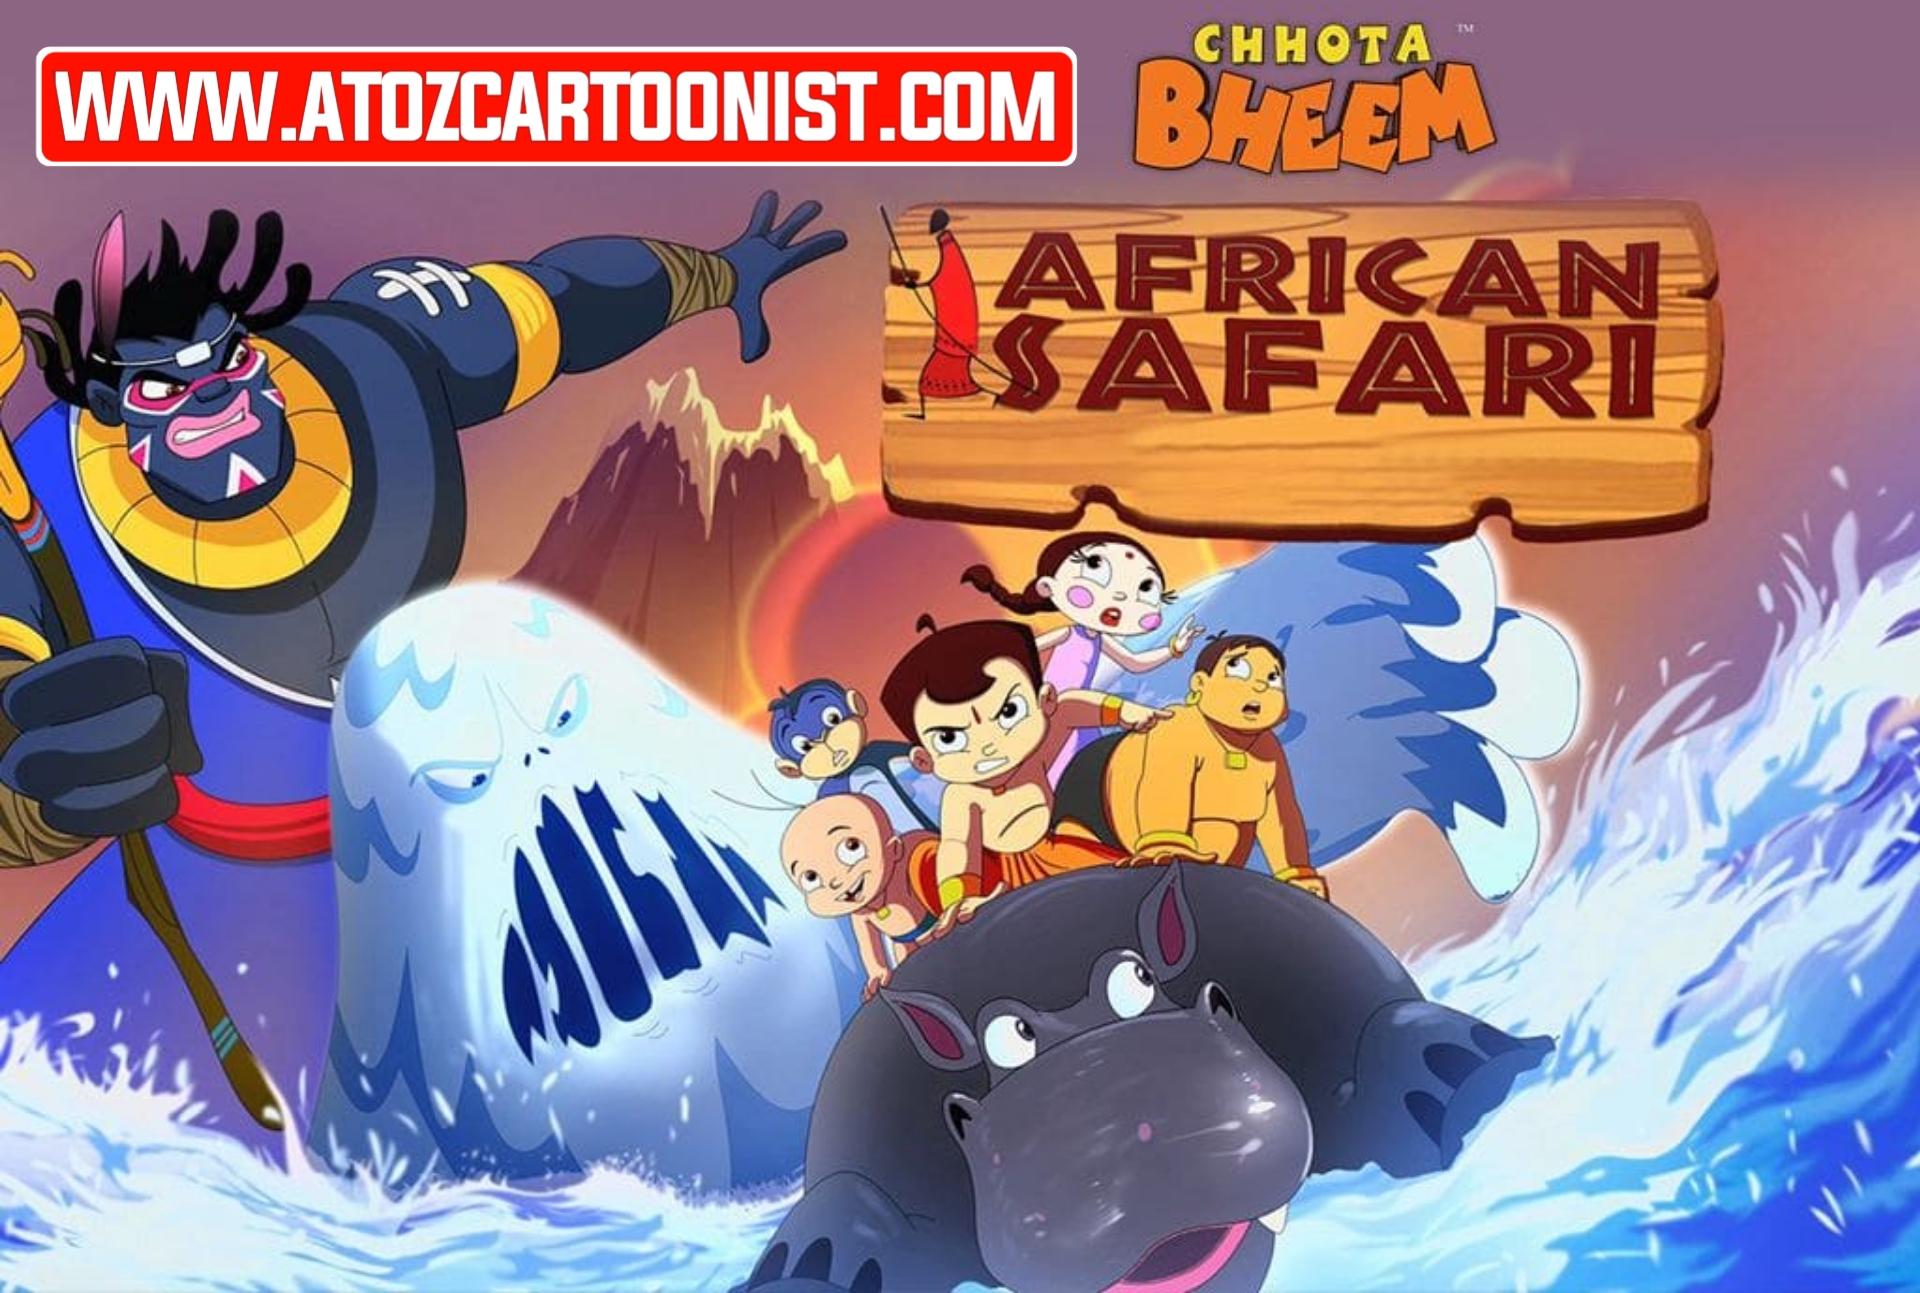 CHHOTA BHEEM IN AFRICAN SAFARI FULL MOVIE IN HINDI DOWNLOAD (480P, 720P & 1080P)